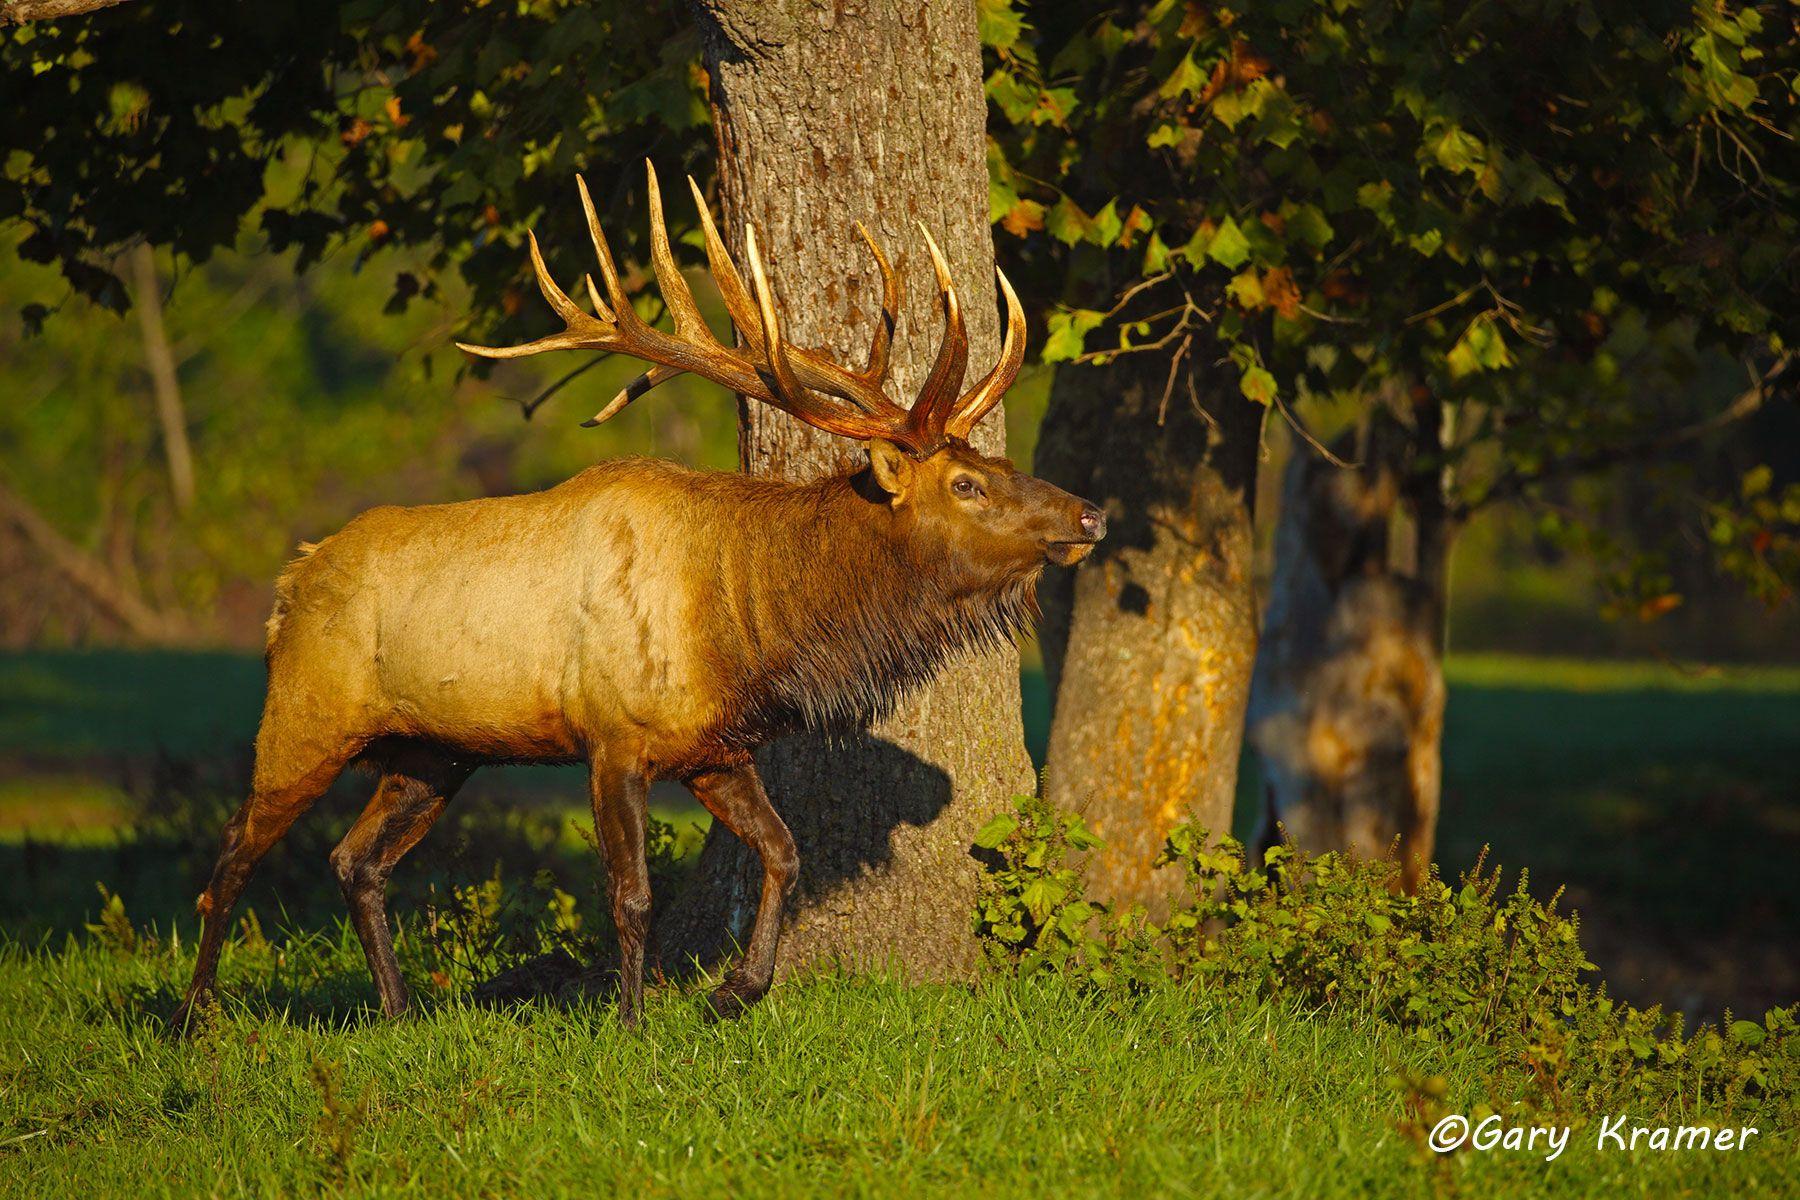 Rocky Mountain Elk (Cervus elaphus nelsoni) - NMERm#2229d